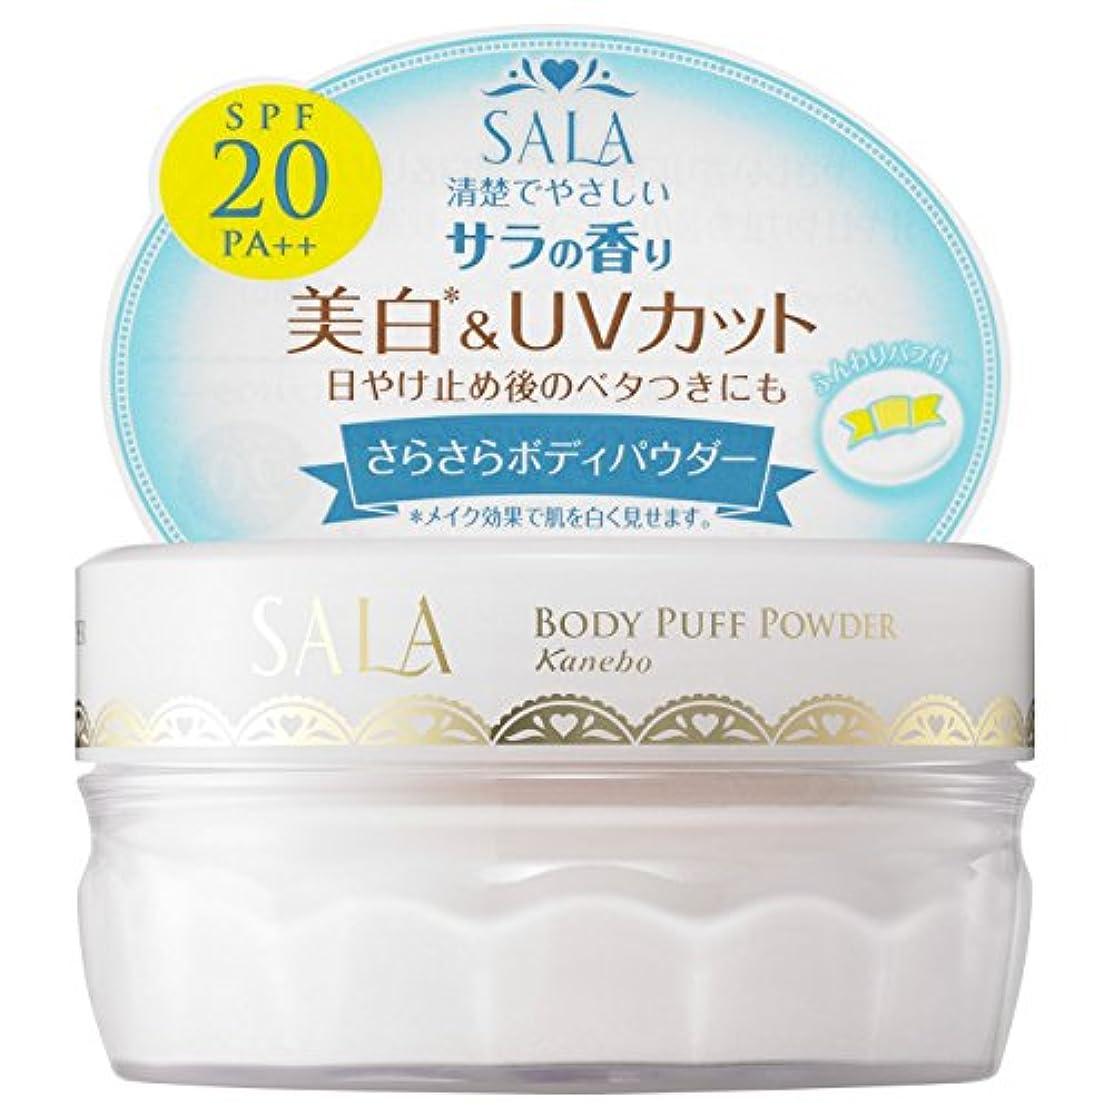 耐えられない散るより良いサラ ボディパフパウダー UV サラの香り